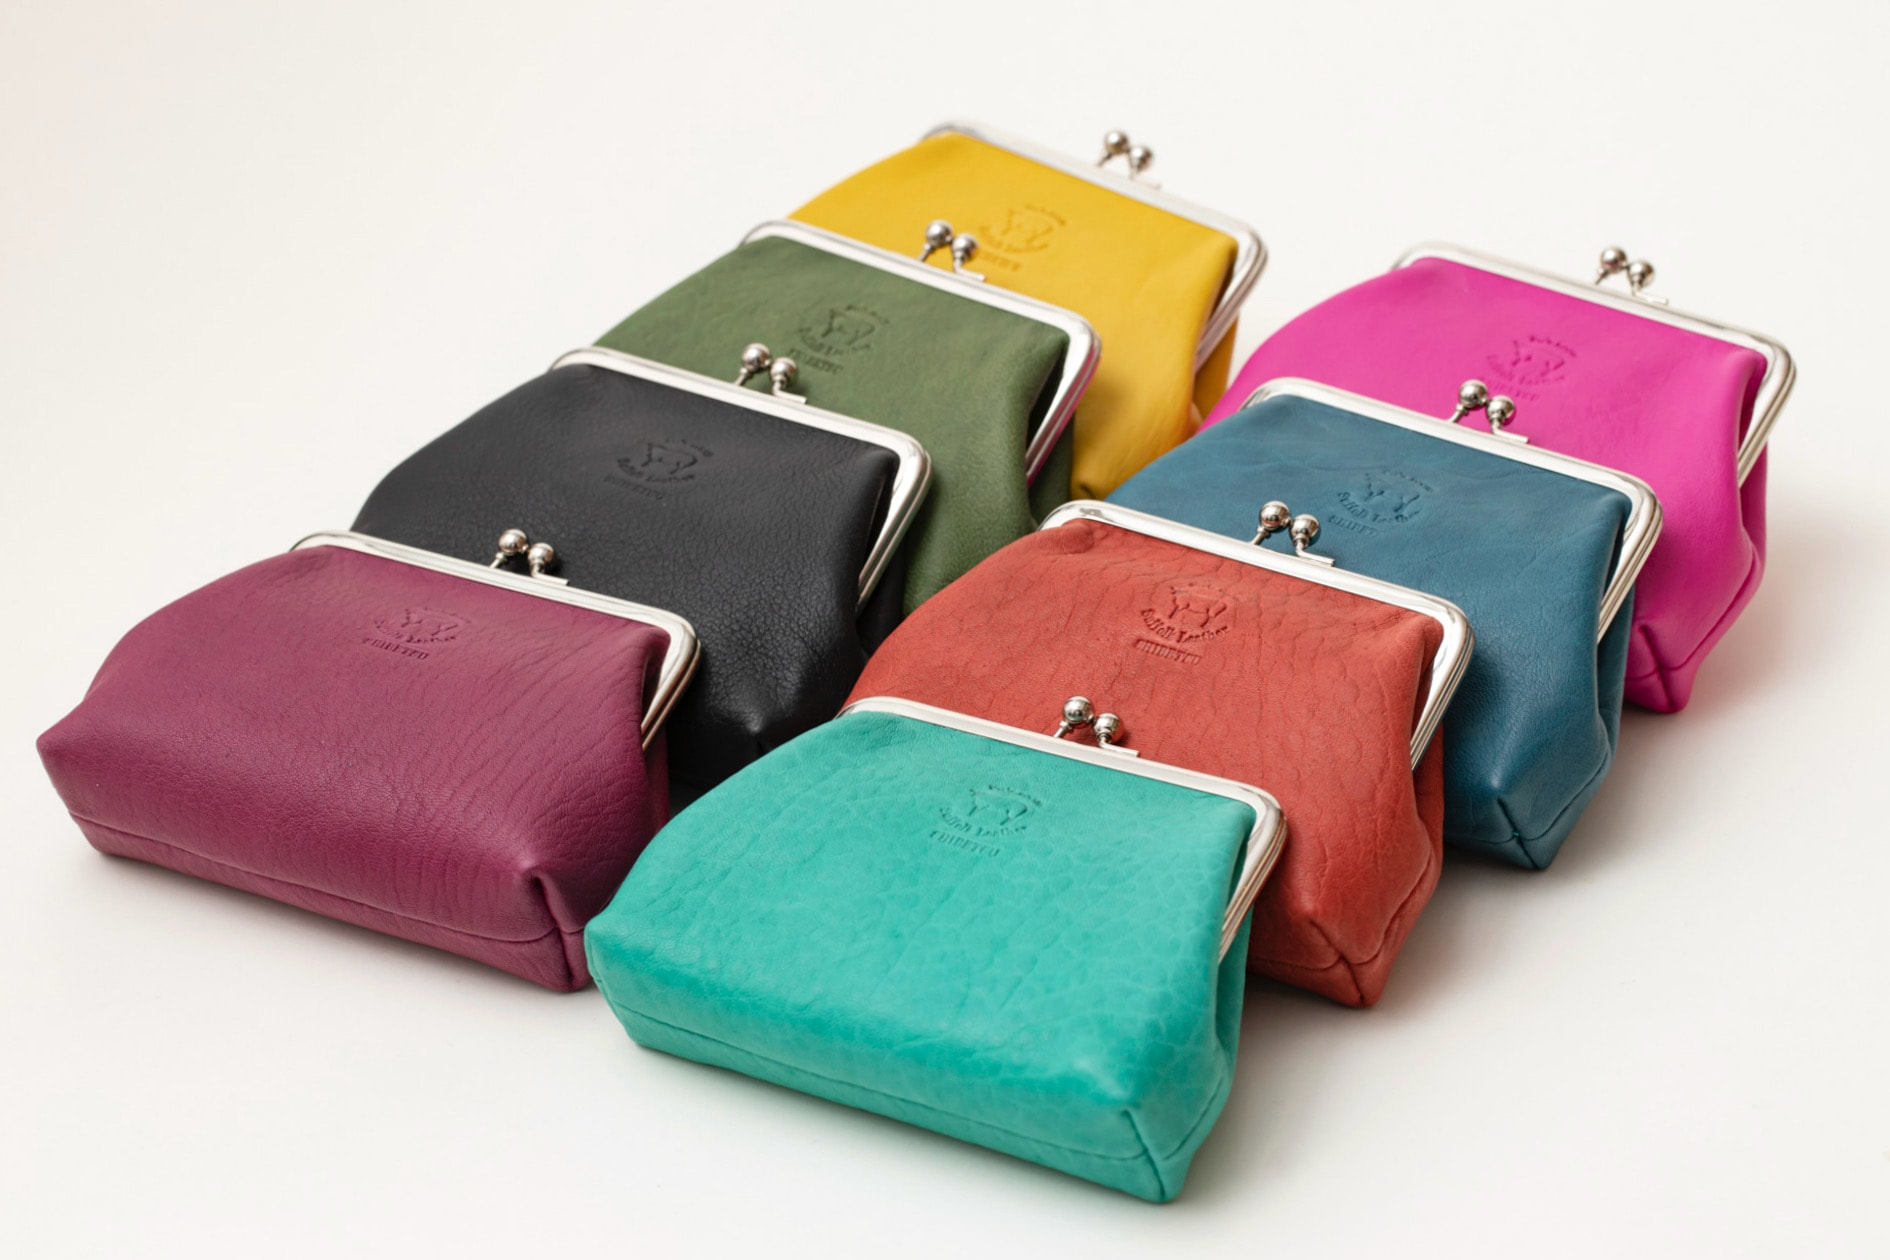 北海道の羊革で作られたFu's roomの「がま口(Lサイズ)」8カラー,サフォークレザーのハンドメイド財布,札幌スタイルの認証製品